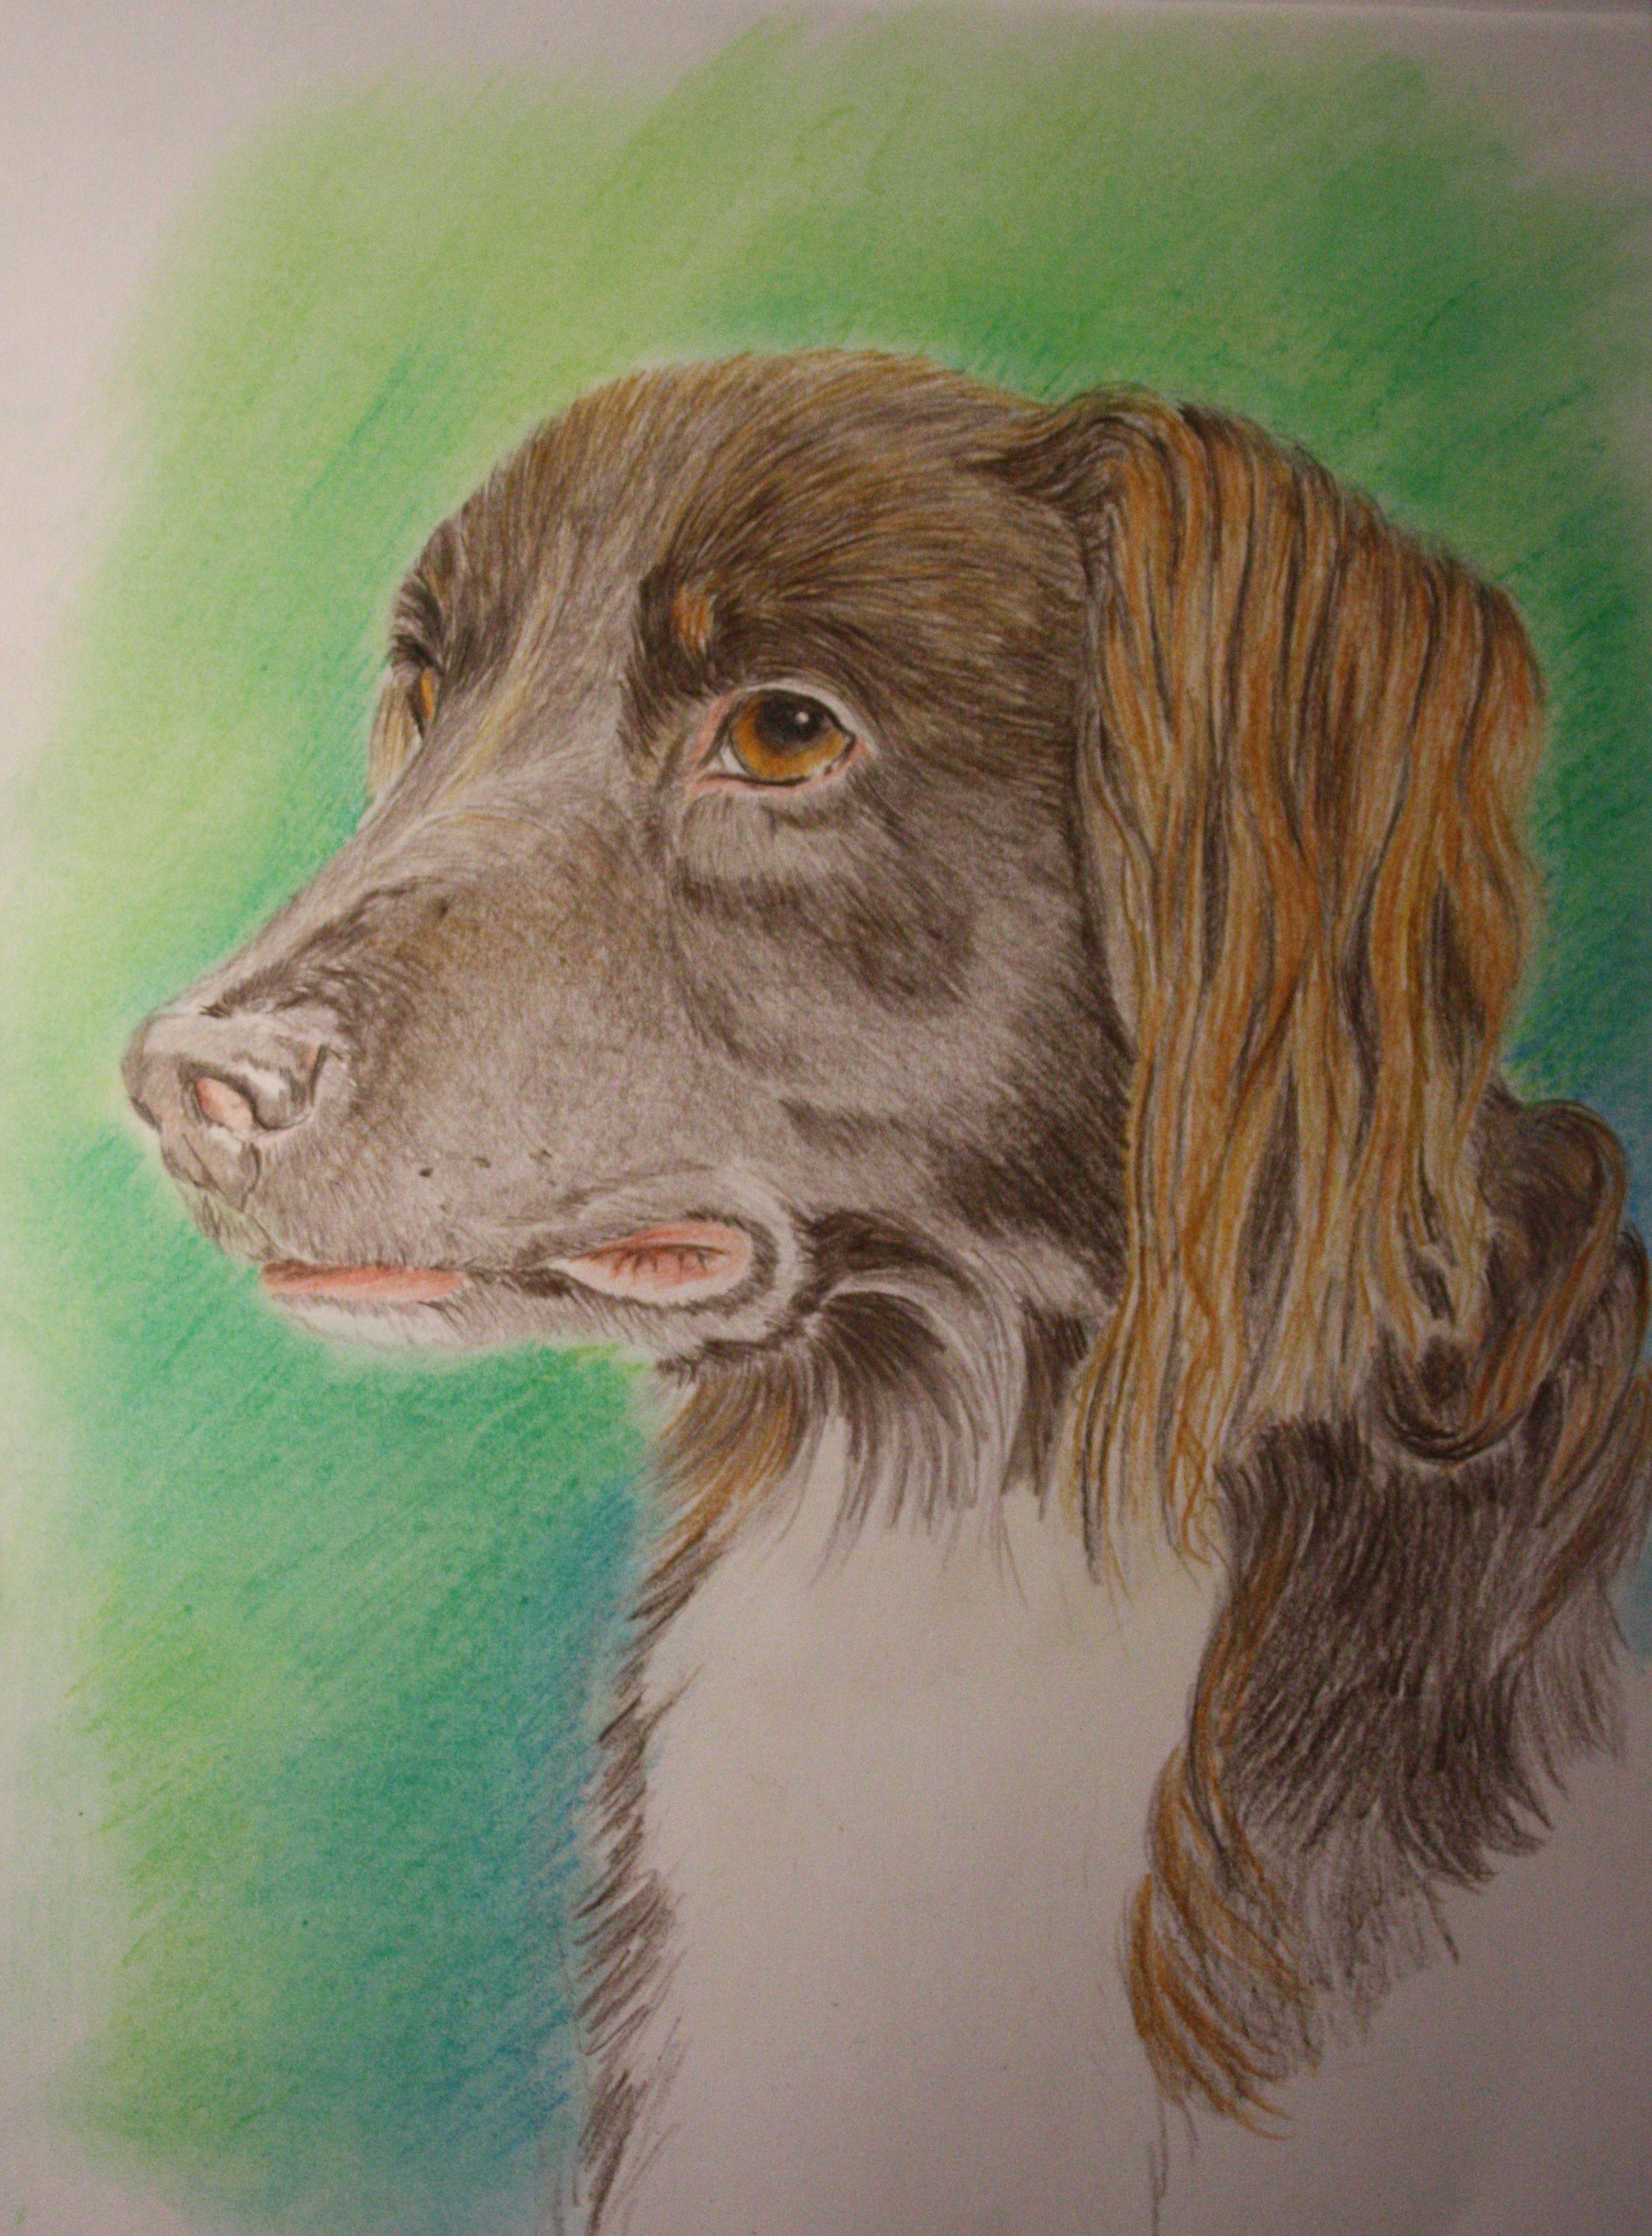 Jango, mijn eerste lieve hond die ik als puppy gekocht heb. Hij vond echt alles best. Hij was een makkelijke en lieve hond.